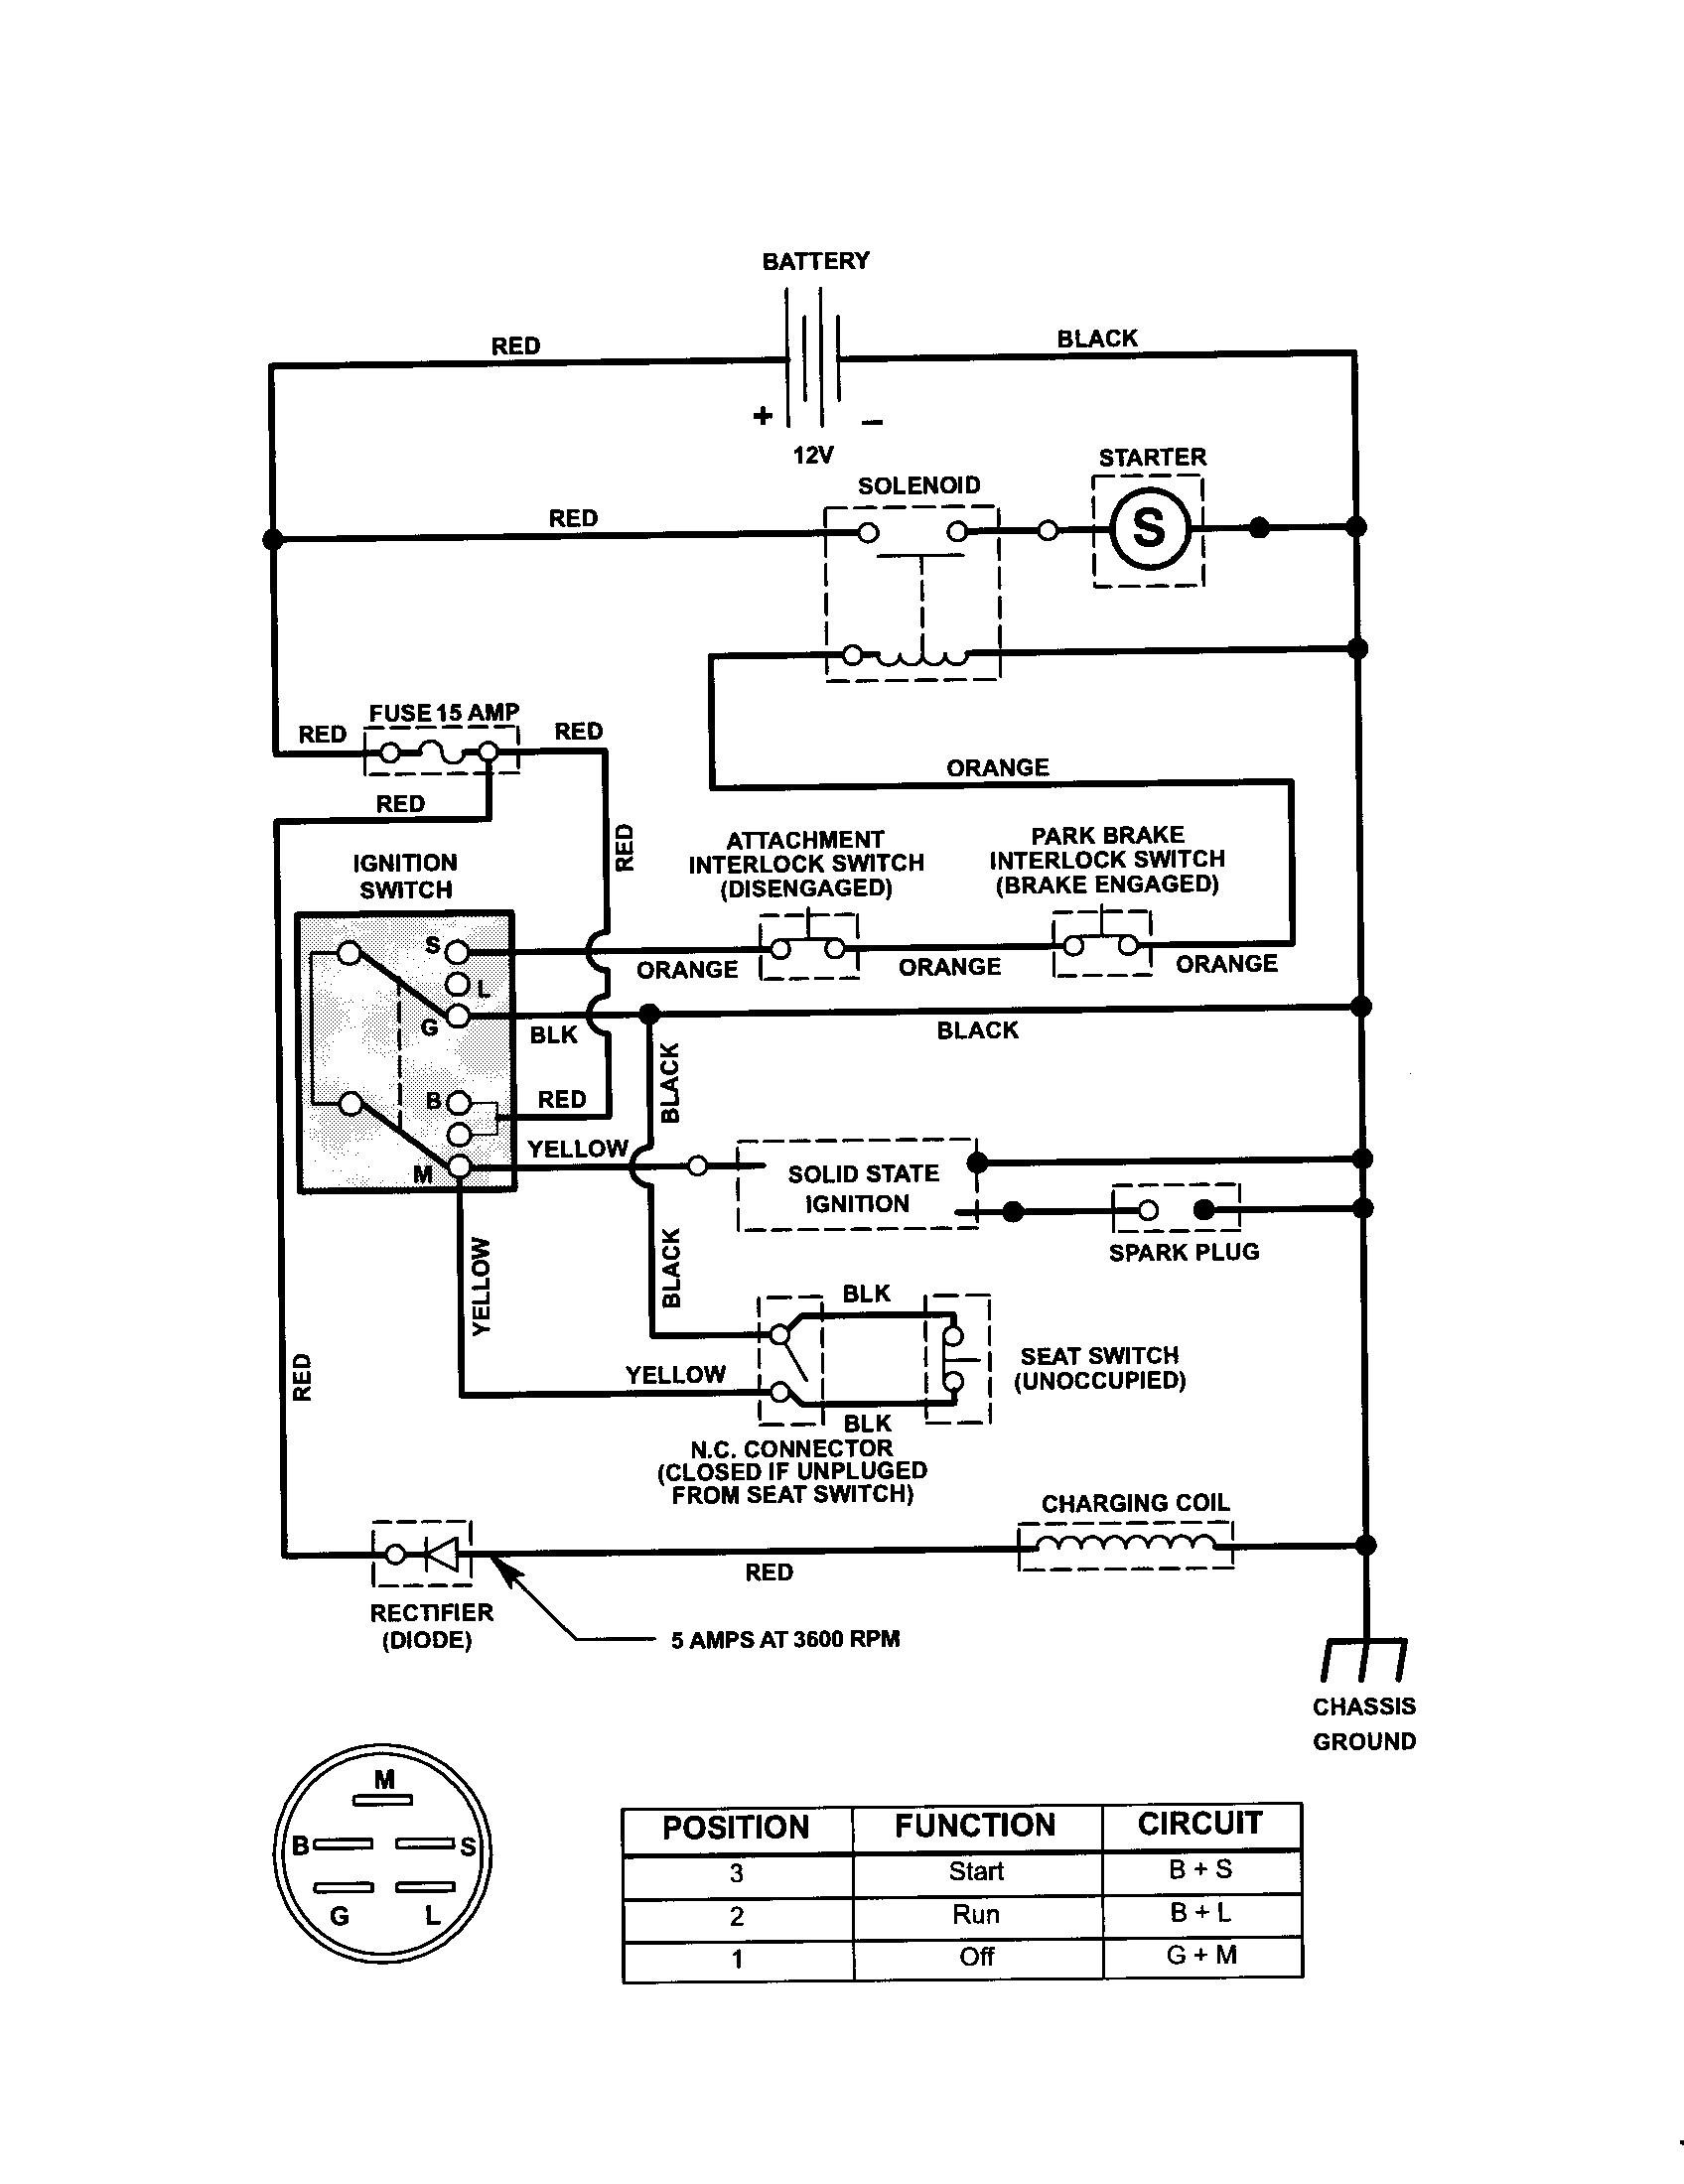 John Deere 318 Wiring Diagram Vs 0426] Sabre Wiring Diagram Of John Deere 318 Wiring Diagram